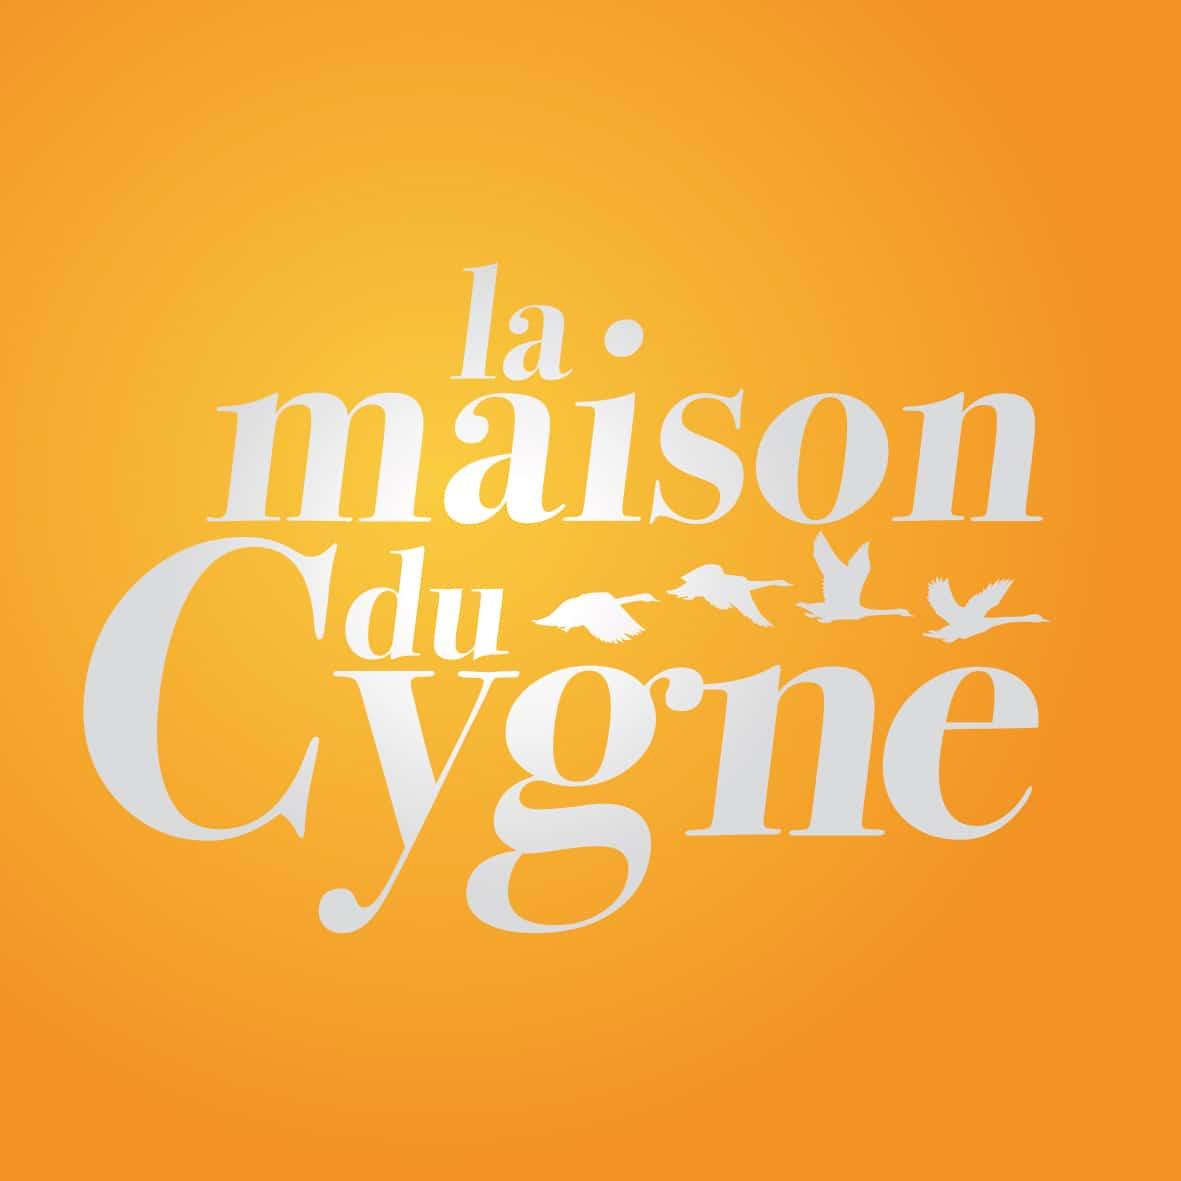 Réalisation du logo de la Maison du Cygne. Original ArtWork -  Customized